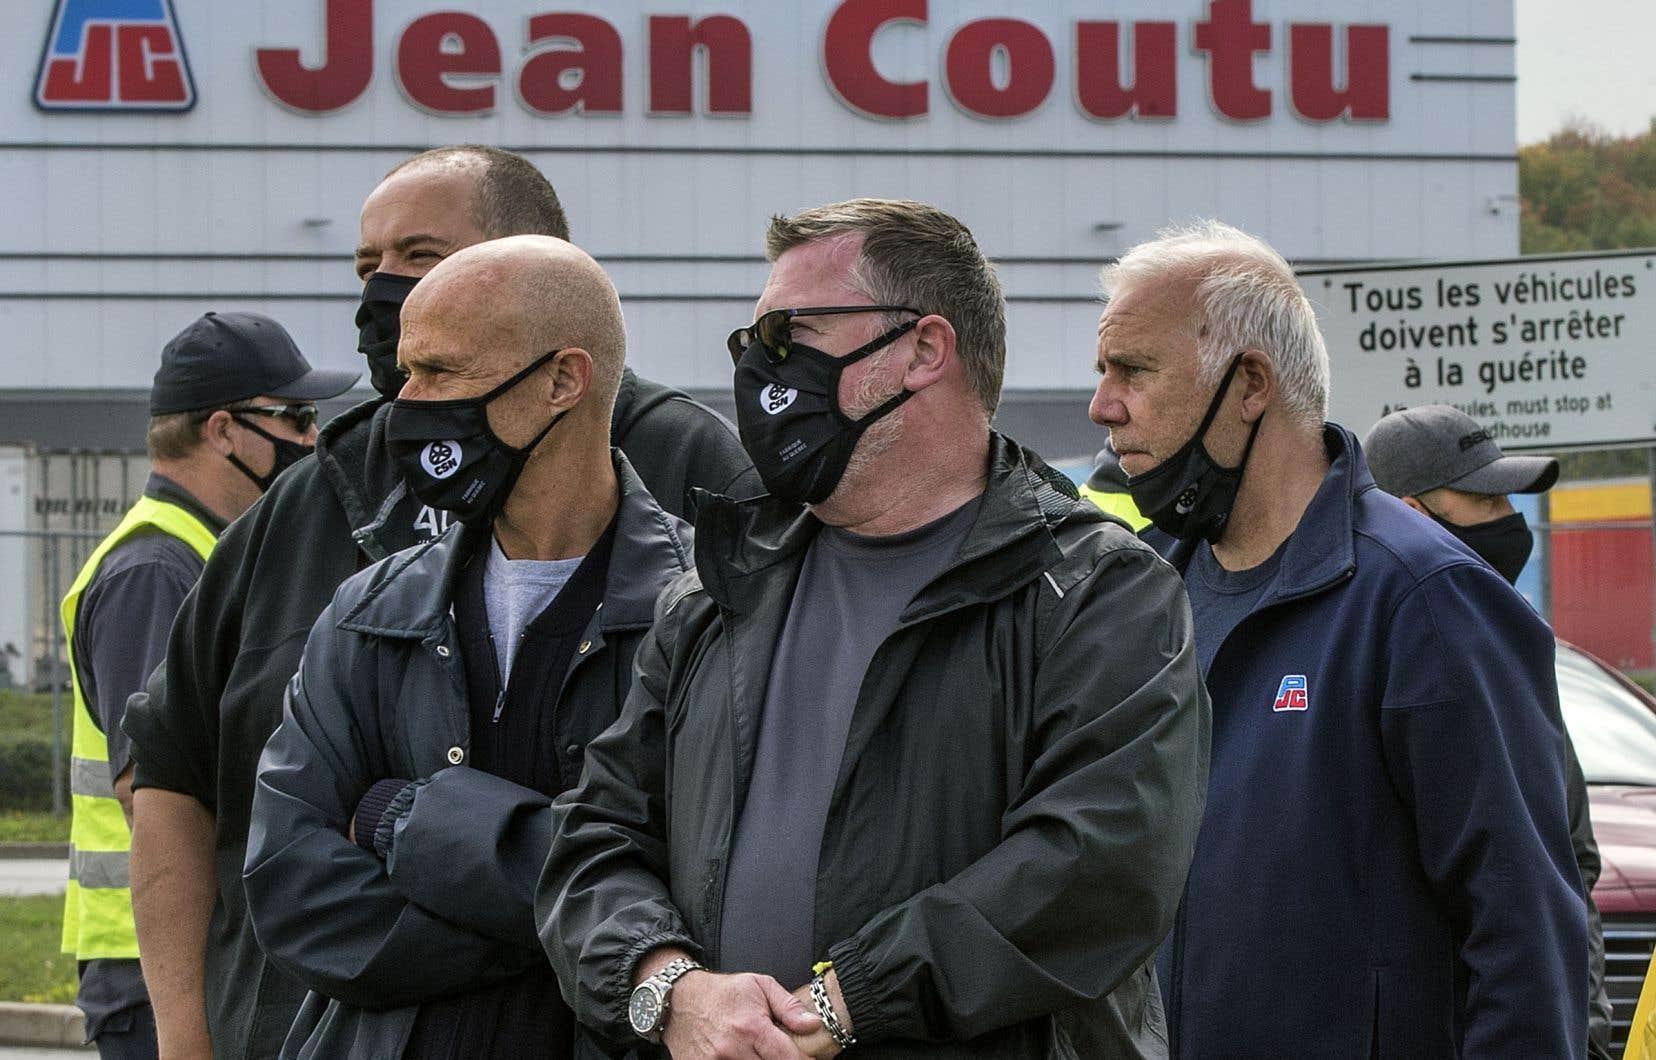 Le syndicat s'interroge sur les véritables motifs de Jean Coutu pour maintenir son lockout sans proposer de solution.